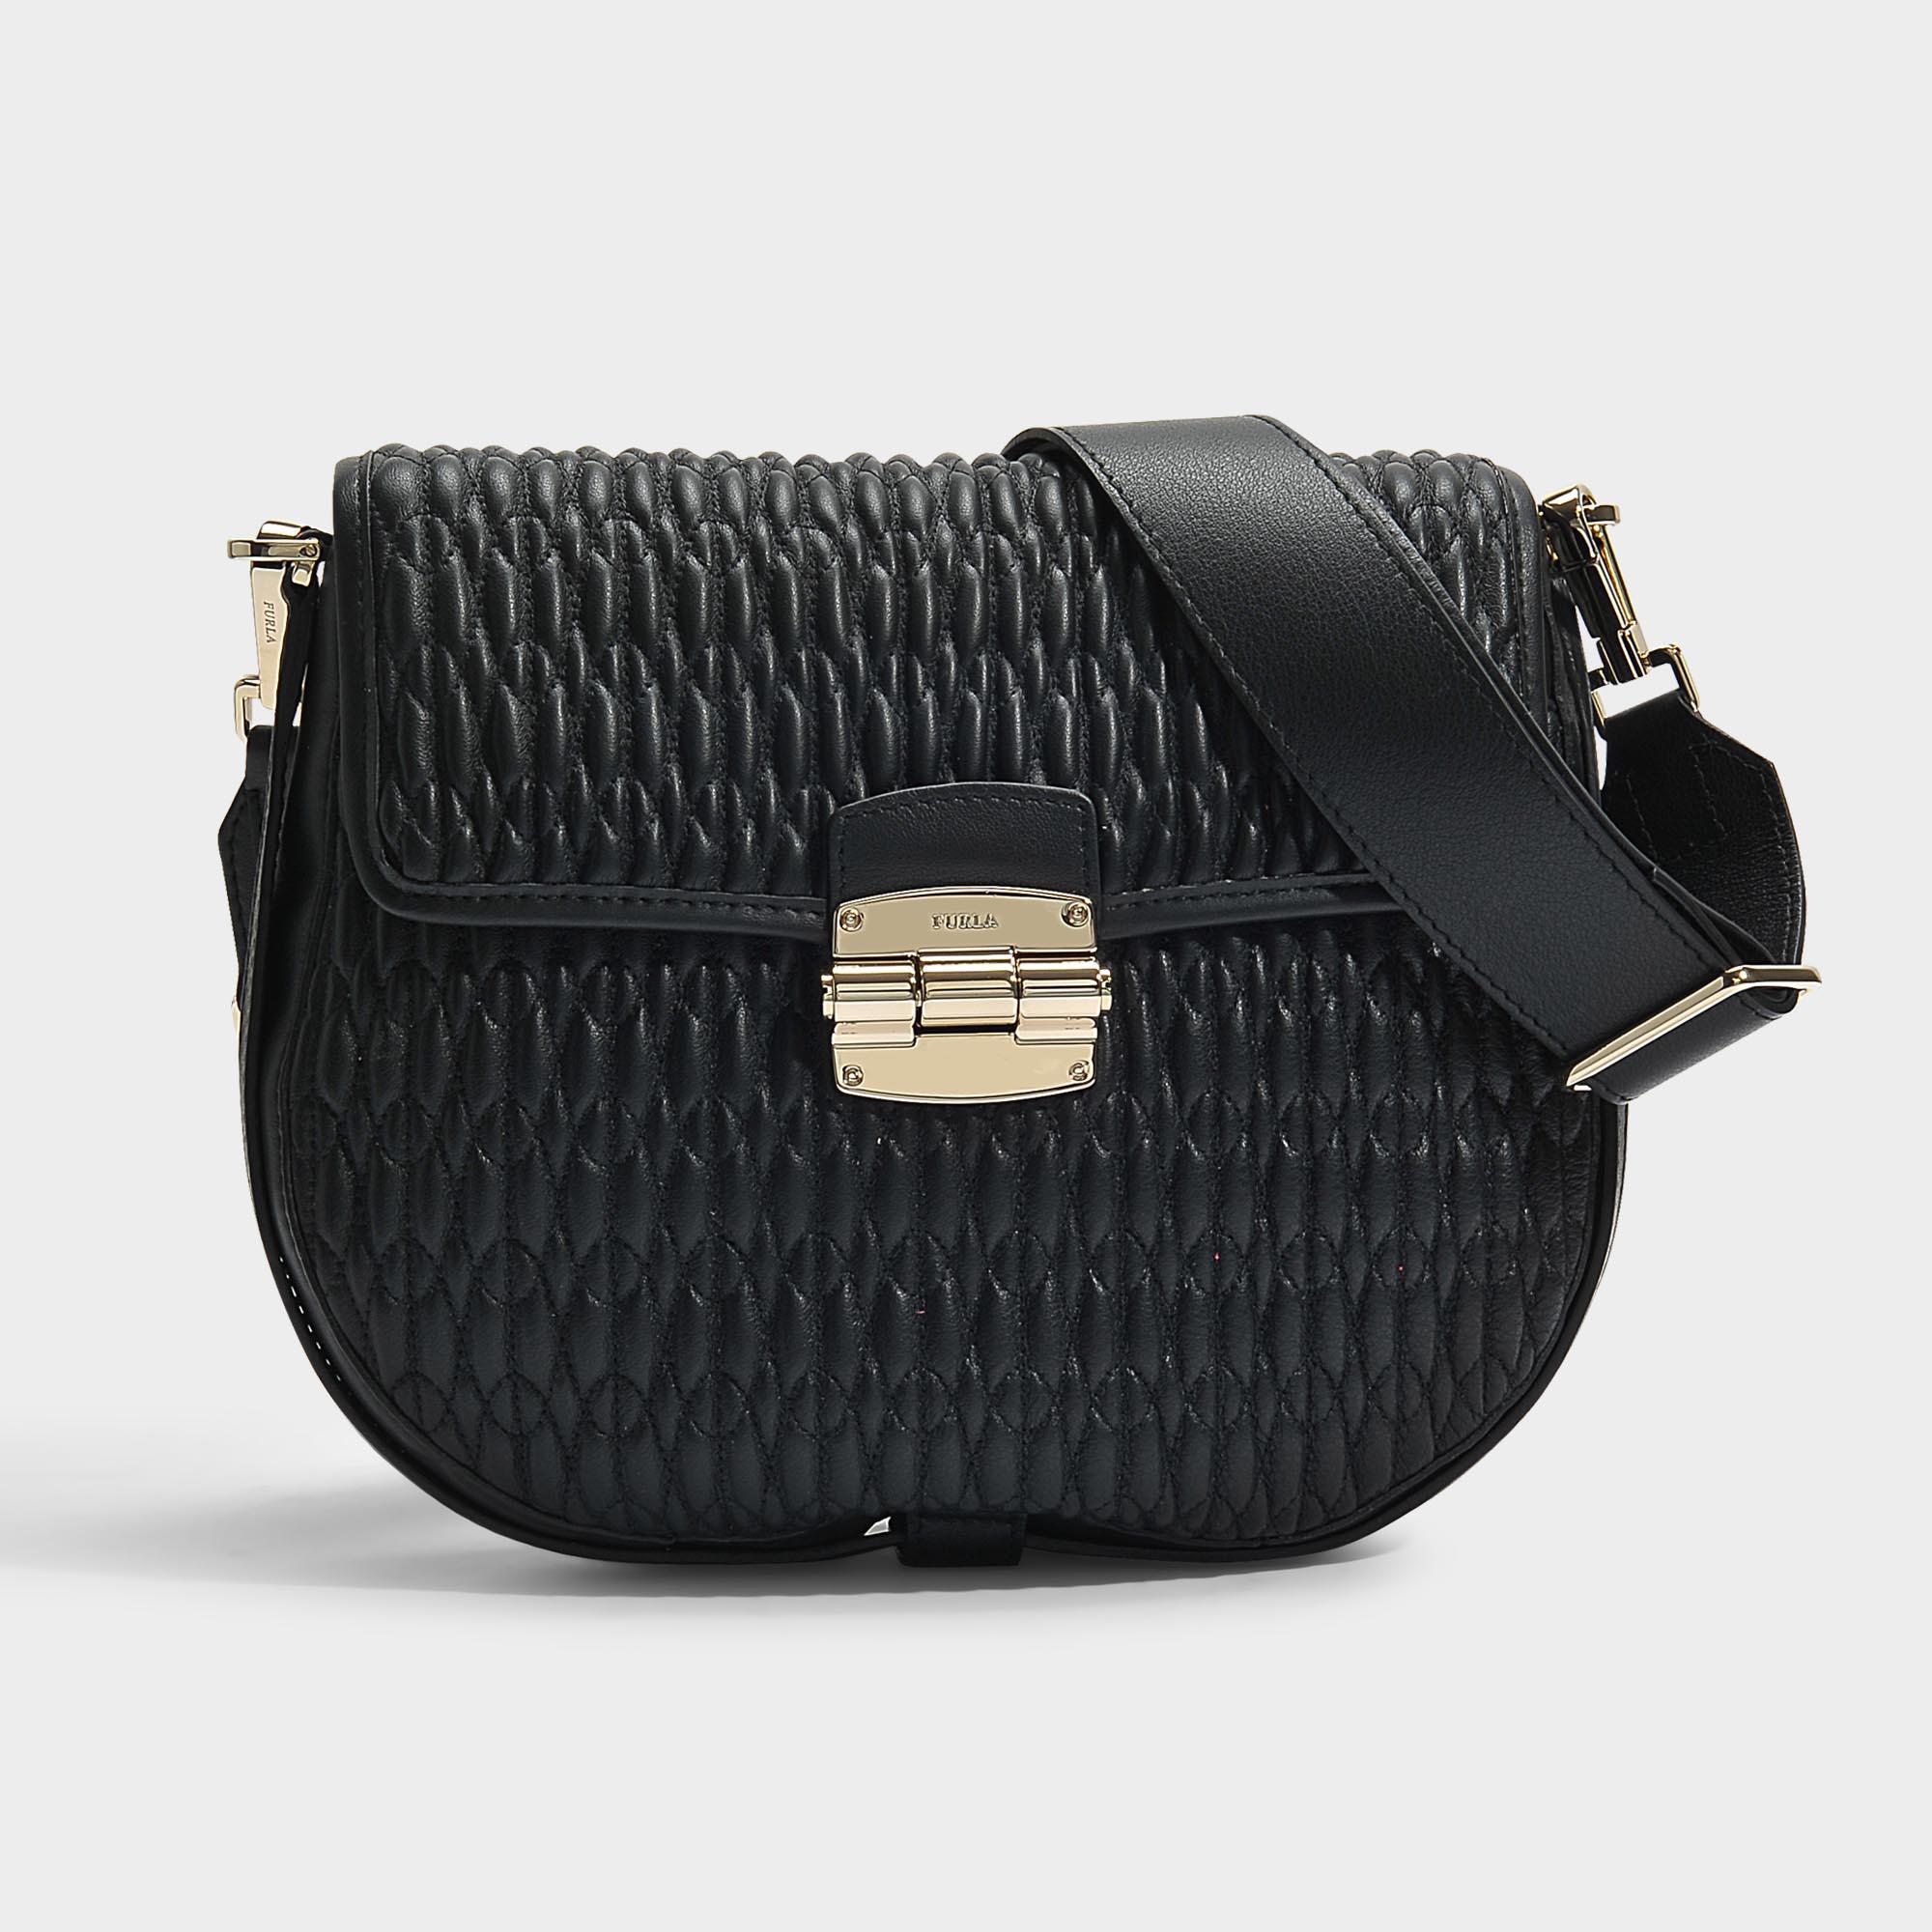 27f5db09982c Furla Club S Crossbody Bag in Black - Lyst